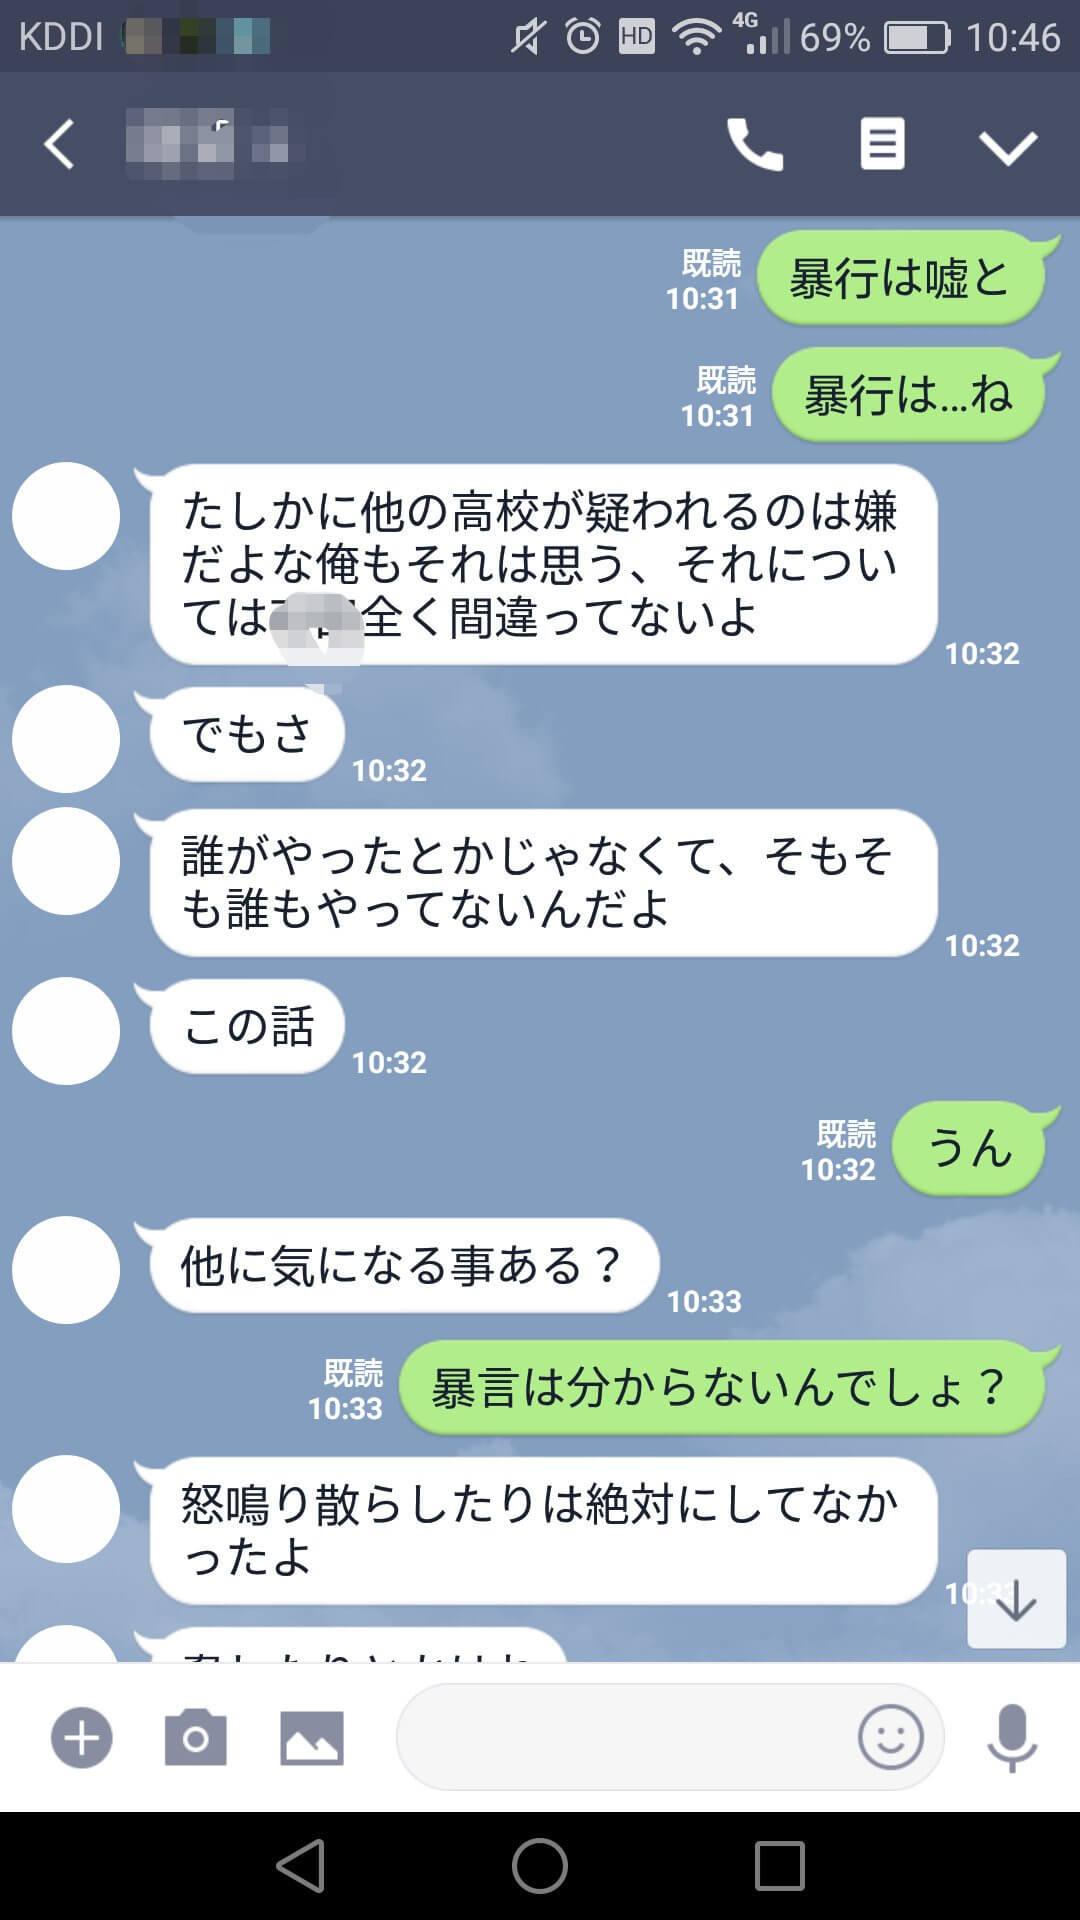 新橋駅前SL広場の騒動についてさなさん(@sana_seria)が関係者に事実関係を確認したキャプチャ画像12